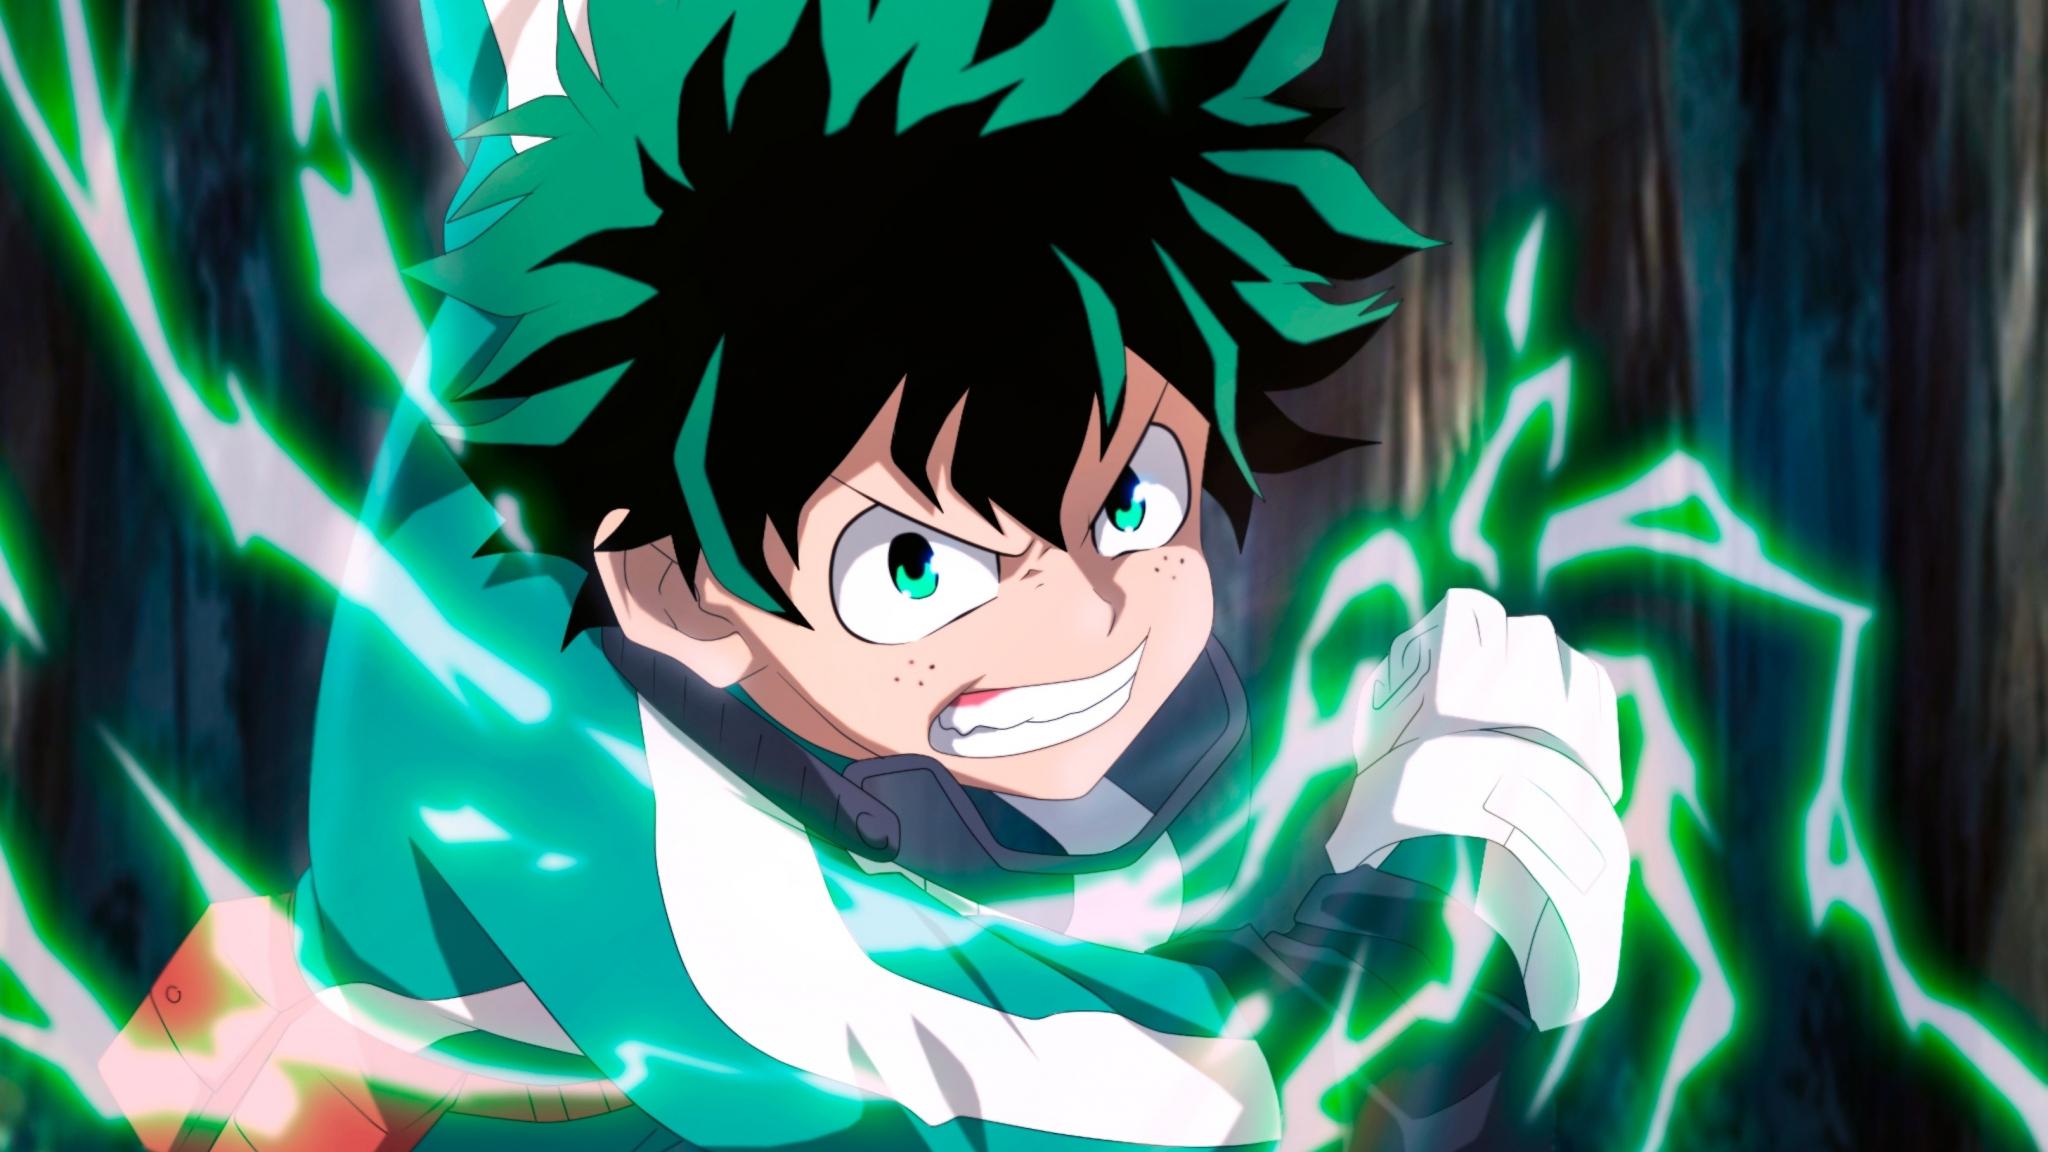 Download 2048x1152 Wallpaper Izuku Midoriya Angry Anime